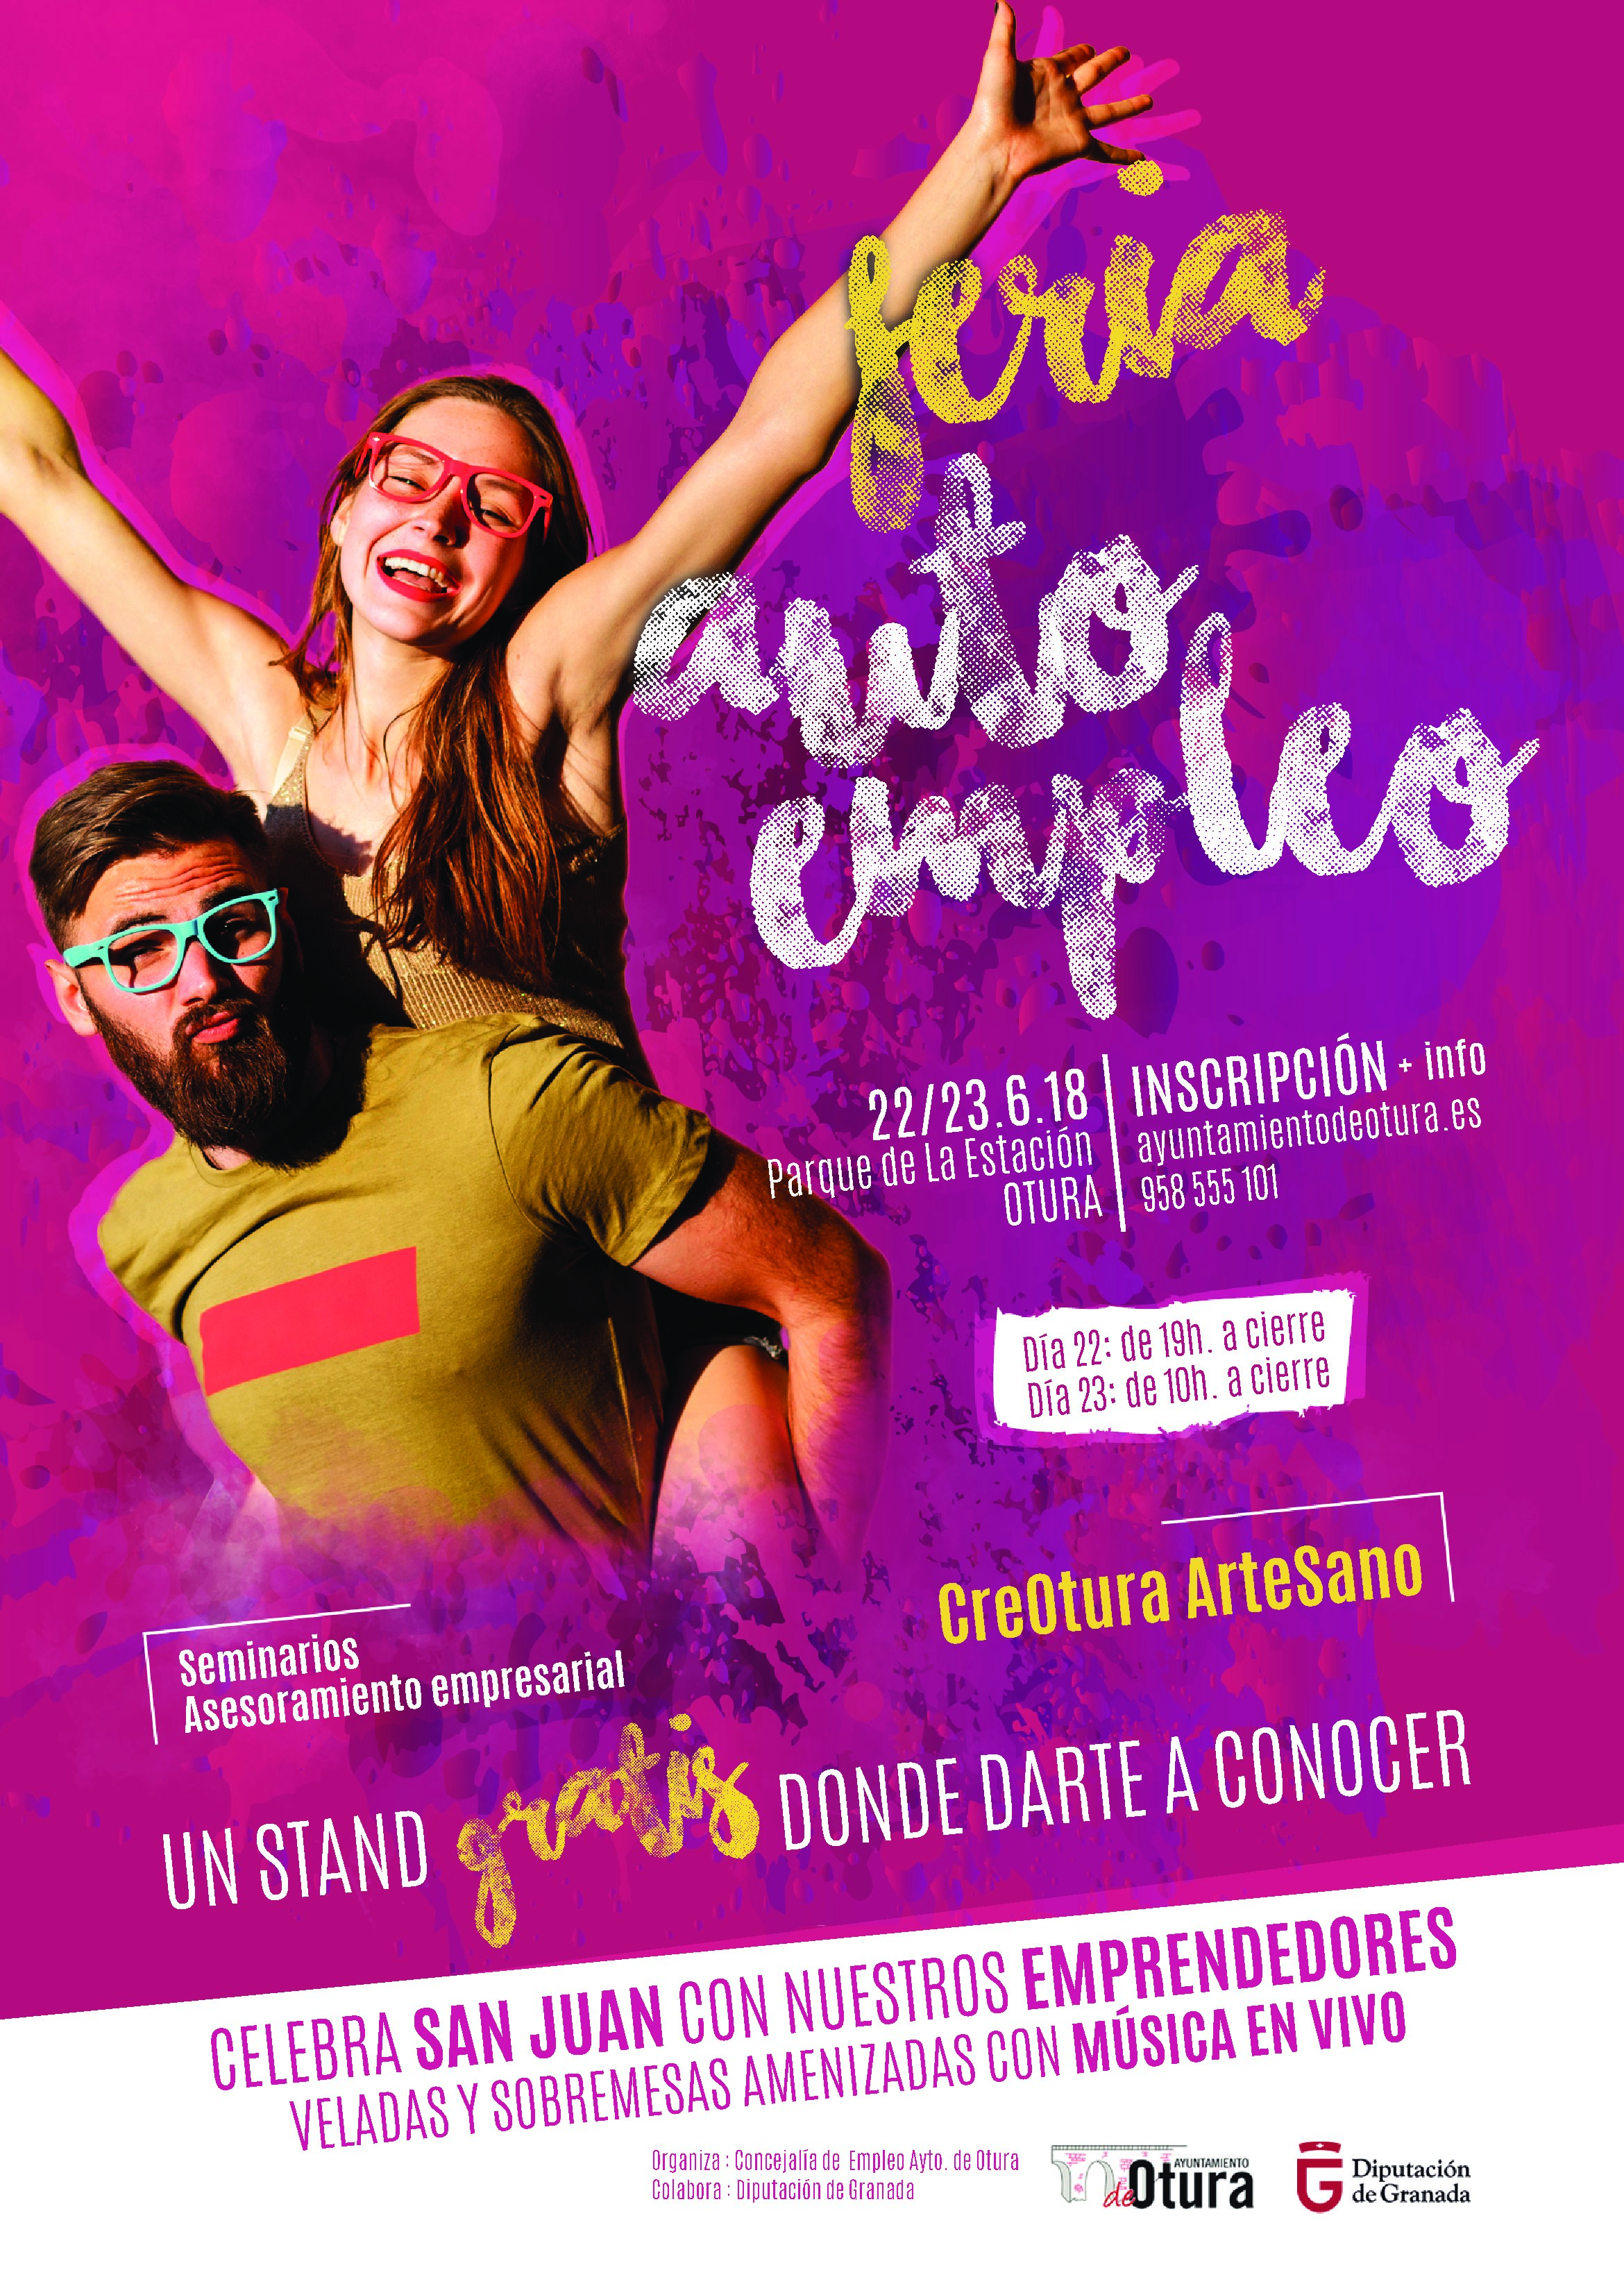 La Concejalía de Empleo del Ayuntamiento de Otura, organiza con la colaboración de la Diputación Provincial de Granada, la I Feria creOtura ArteSano.